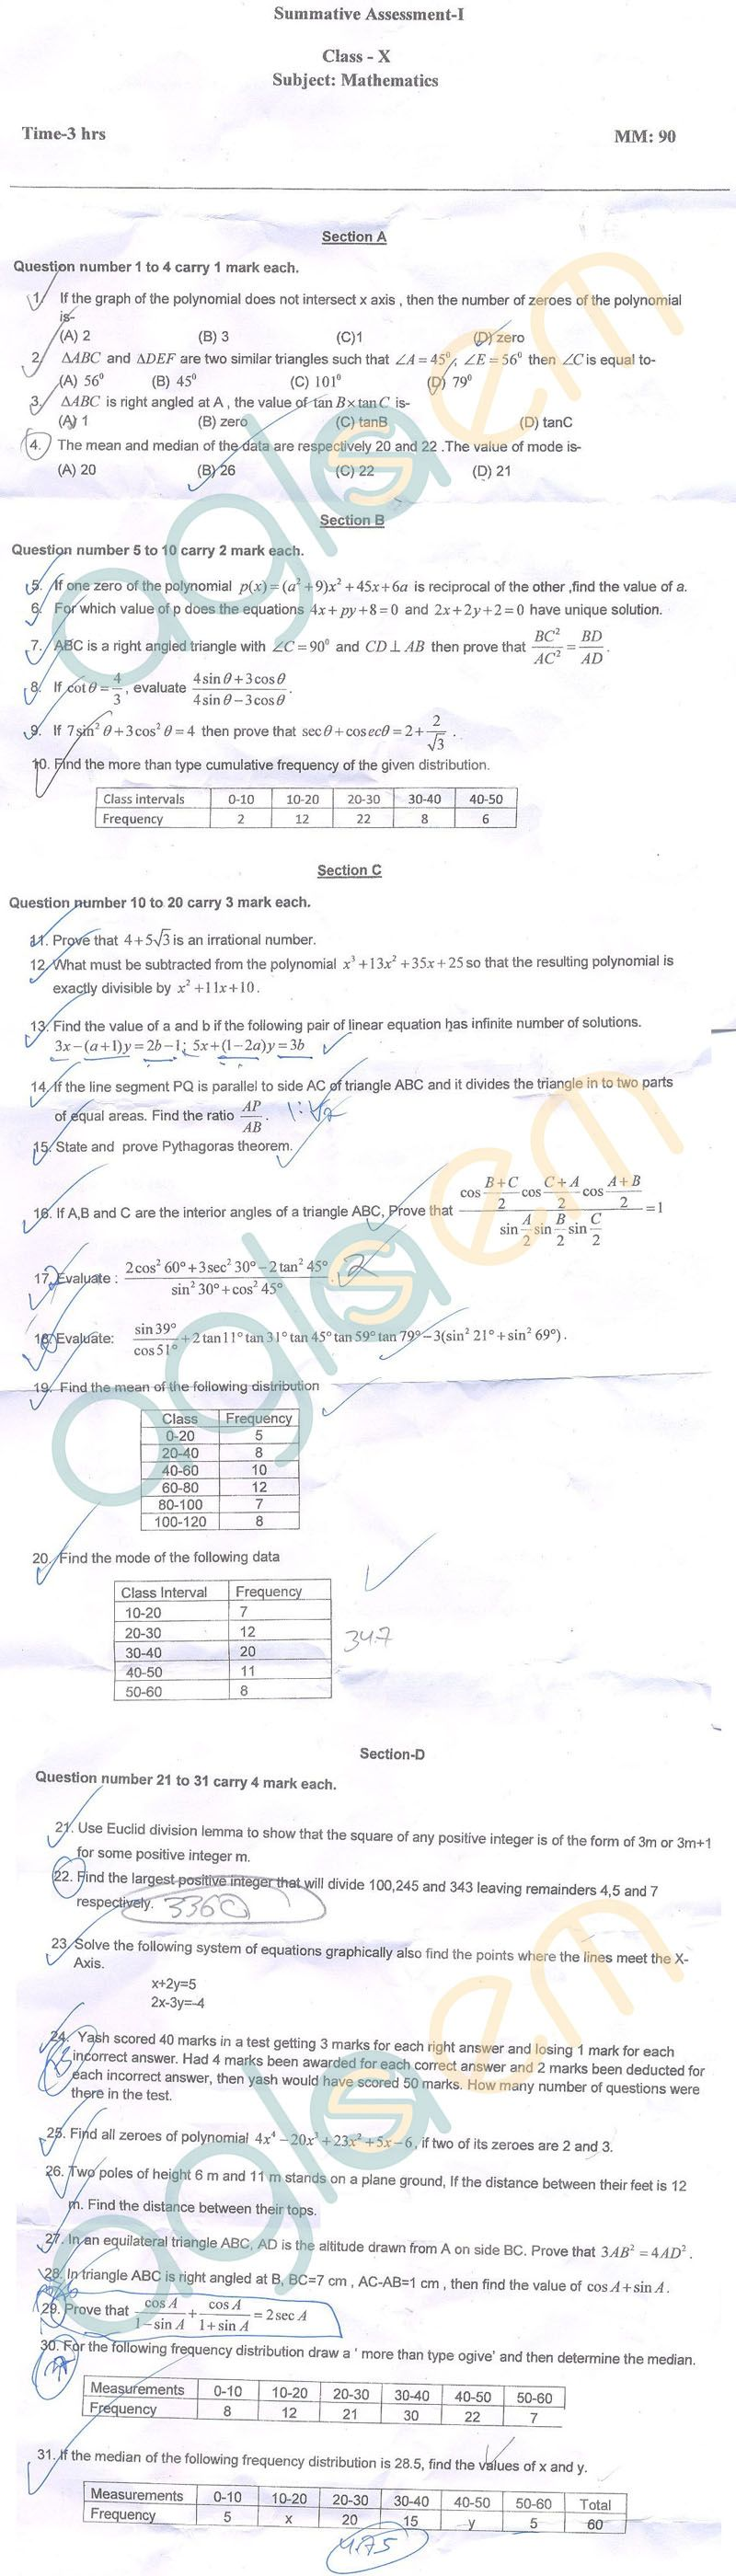 CBSE 2015 - 2016 Class 10 SA1 Question Papers | edu | Pinterest ...